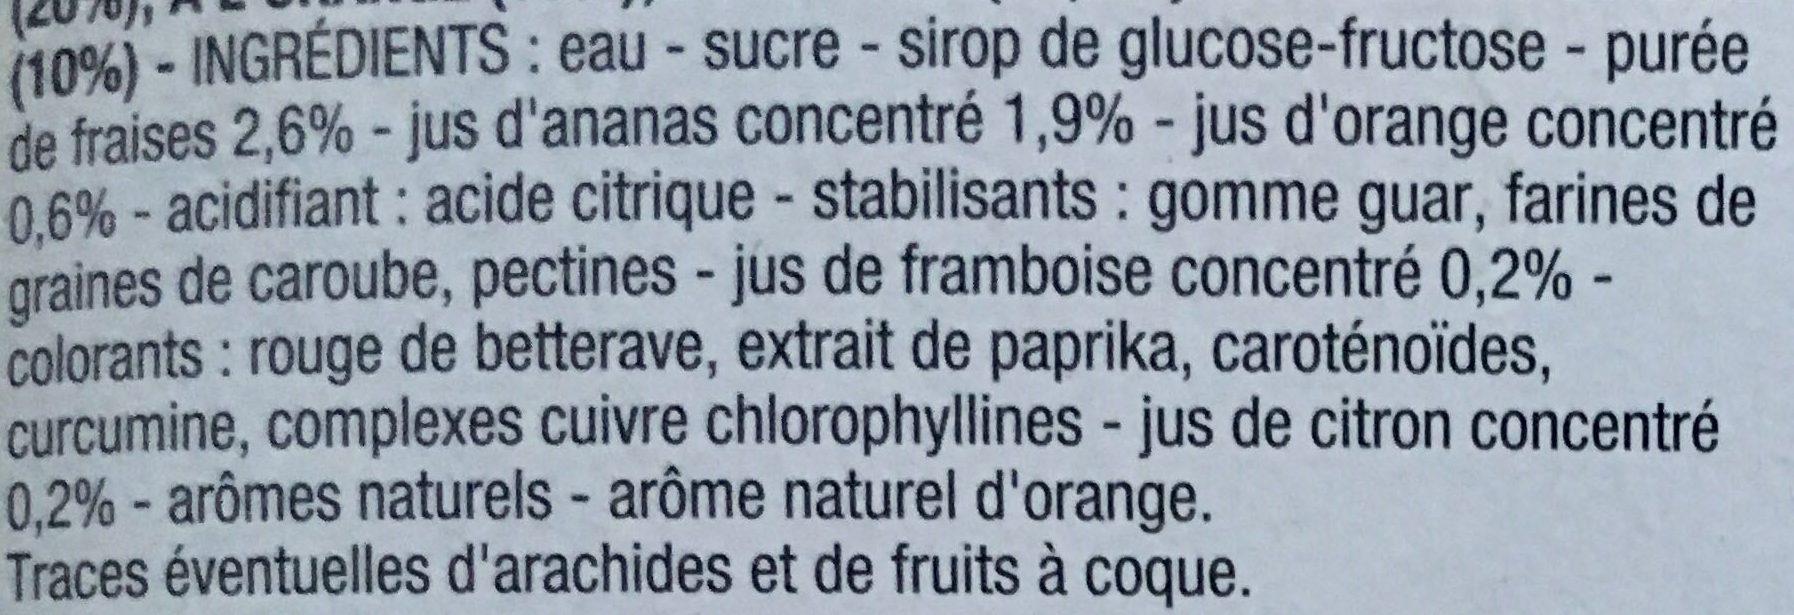 Bâtonnets goût Multi-fruits ananas, fraise, orange, citron, framboise - Ingrediënten